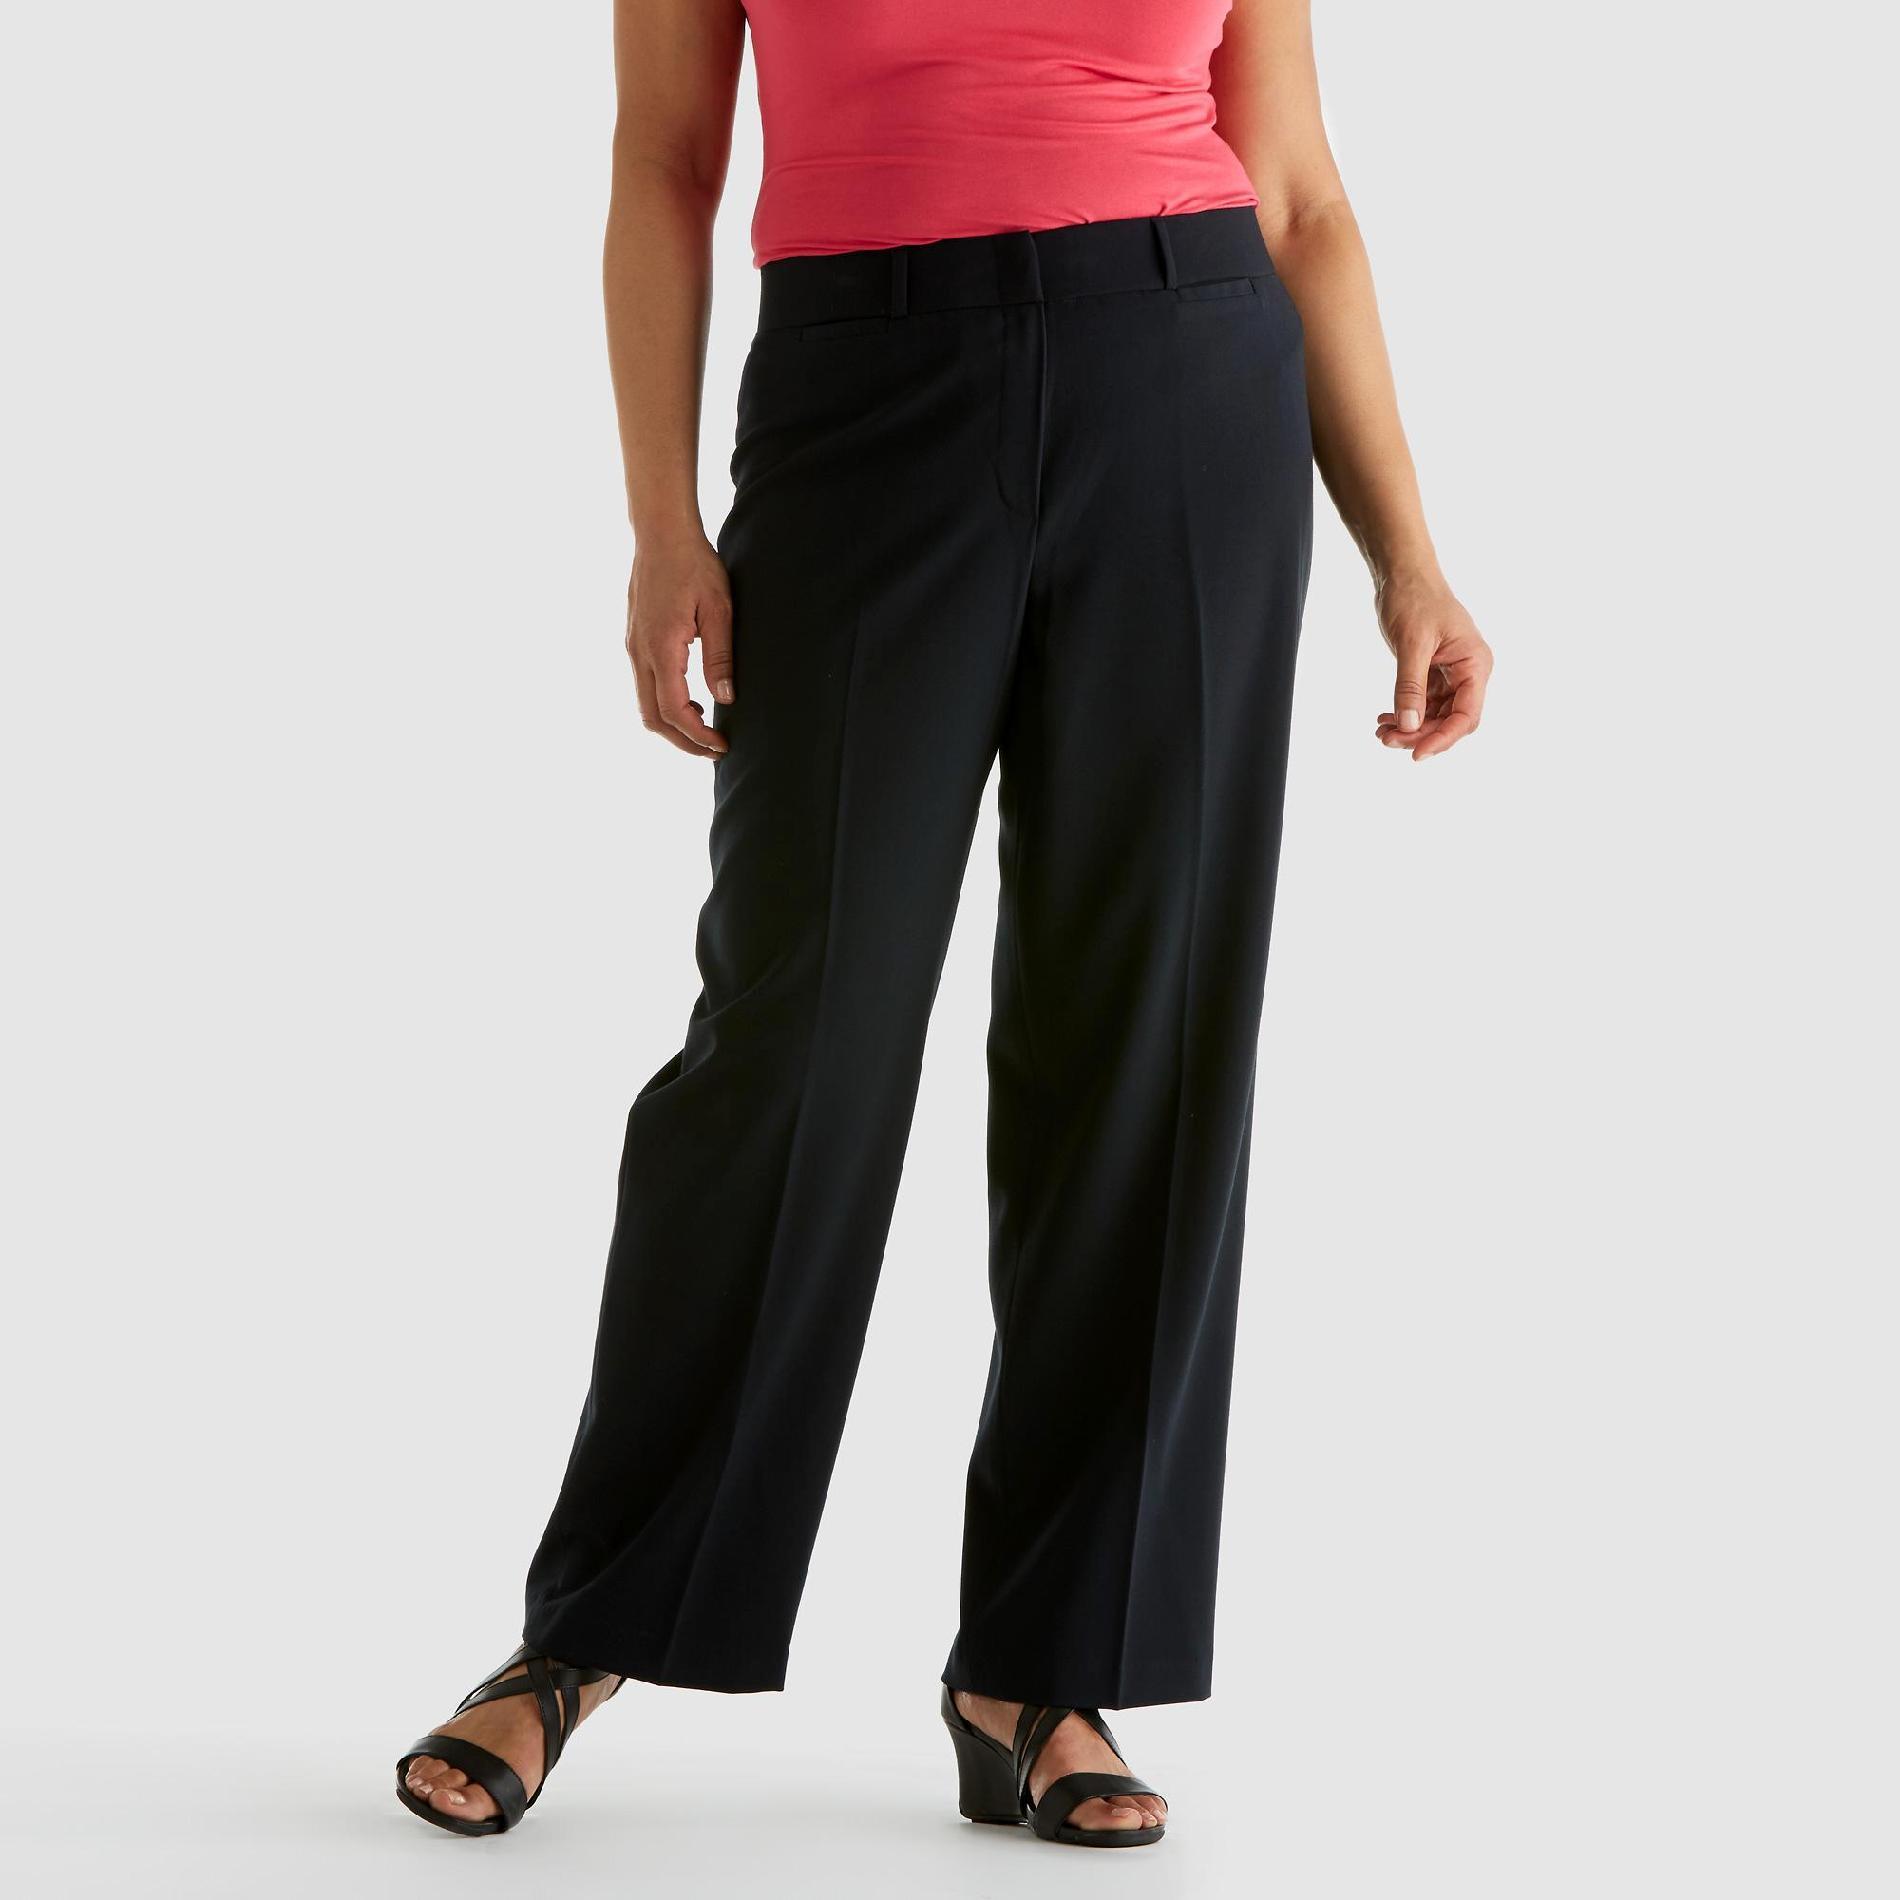 zac & rachel woman Women's Plus Dress Pants at Sears.com